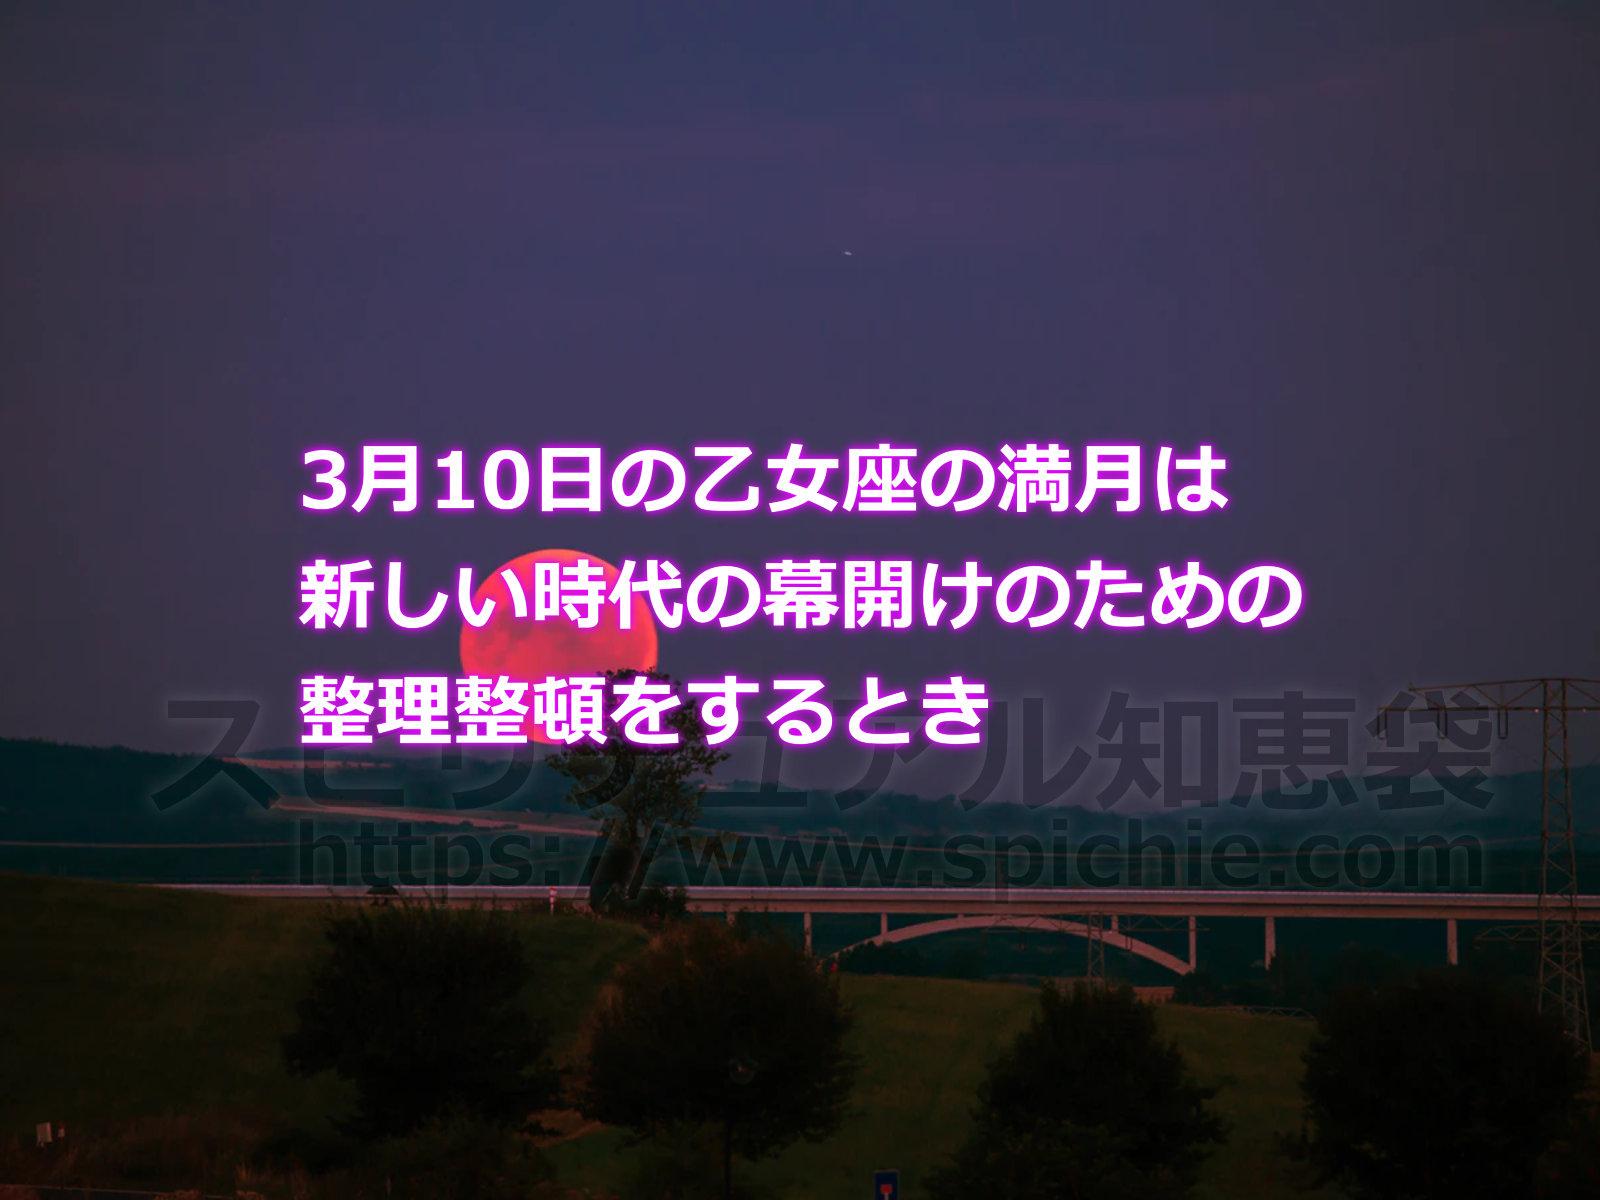 3月10日の乙女座の満月は新しい時代の幕開けのための整理整頓をするときのアイキャッチ画像